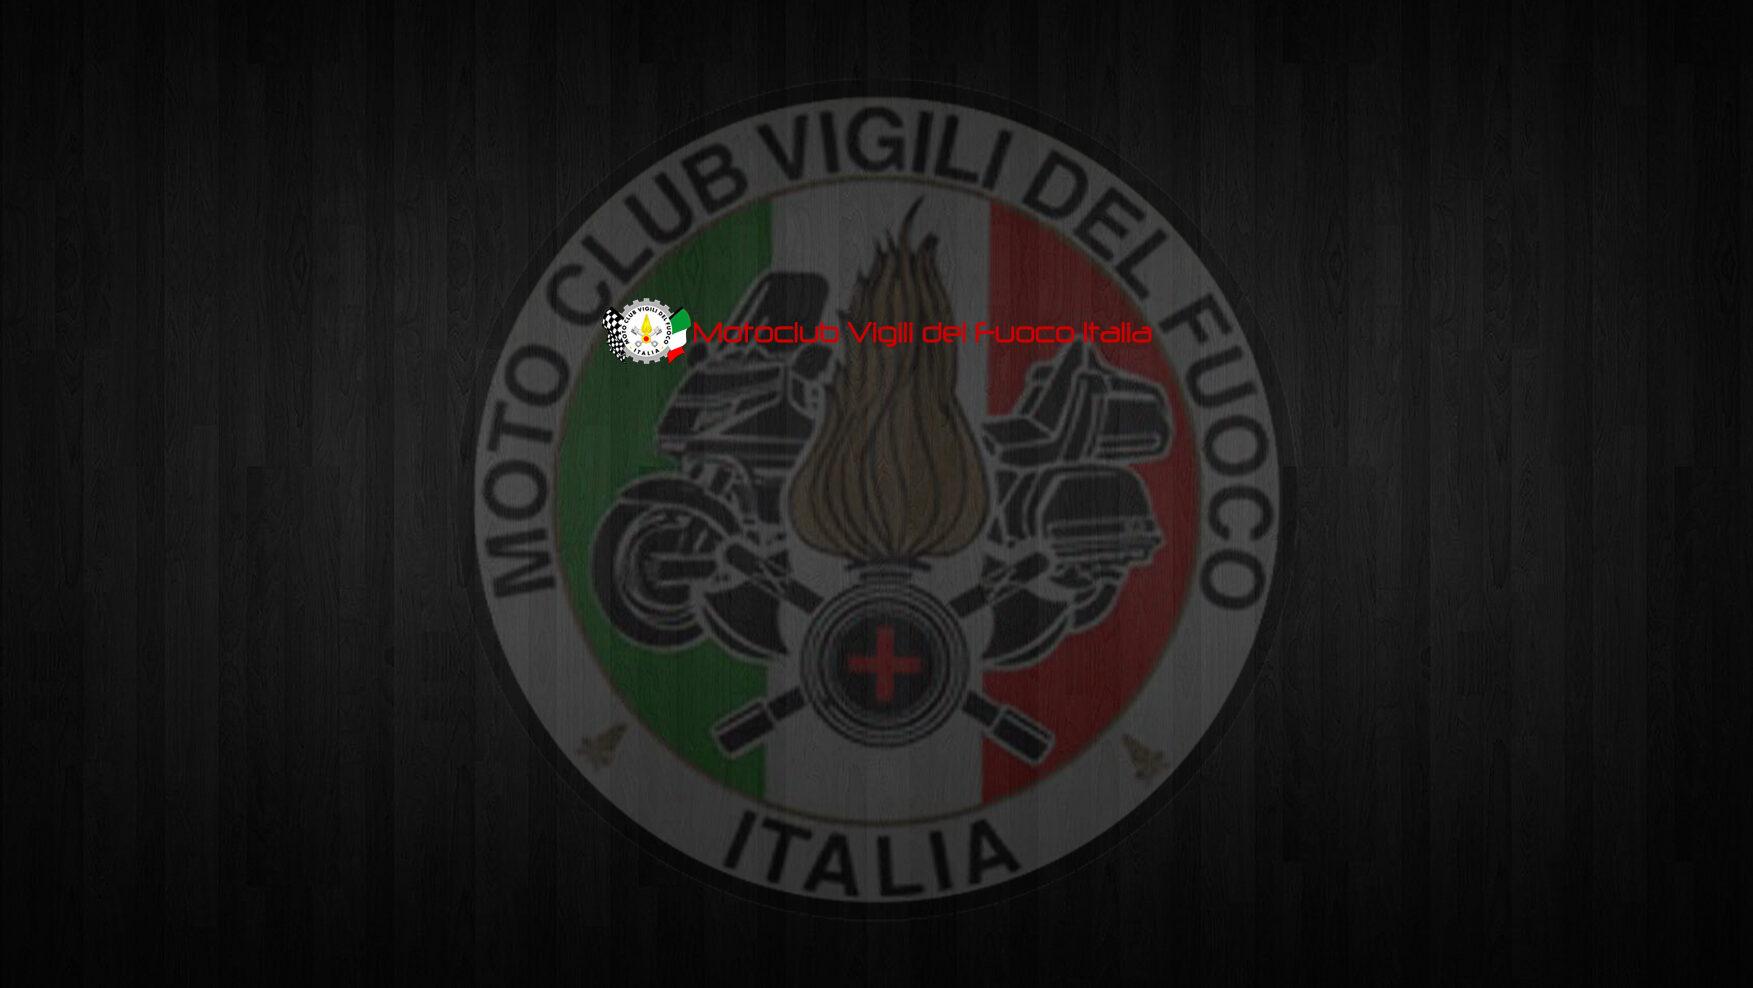 Motoclub Vigili del Fuoco Italia